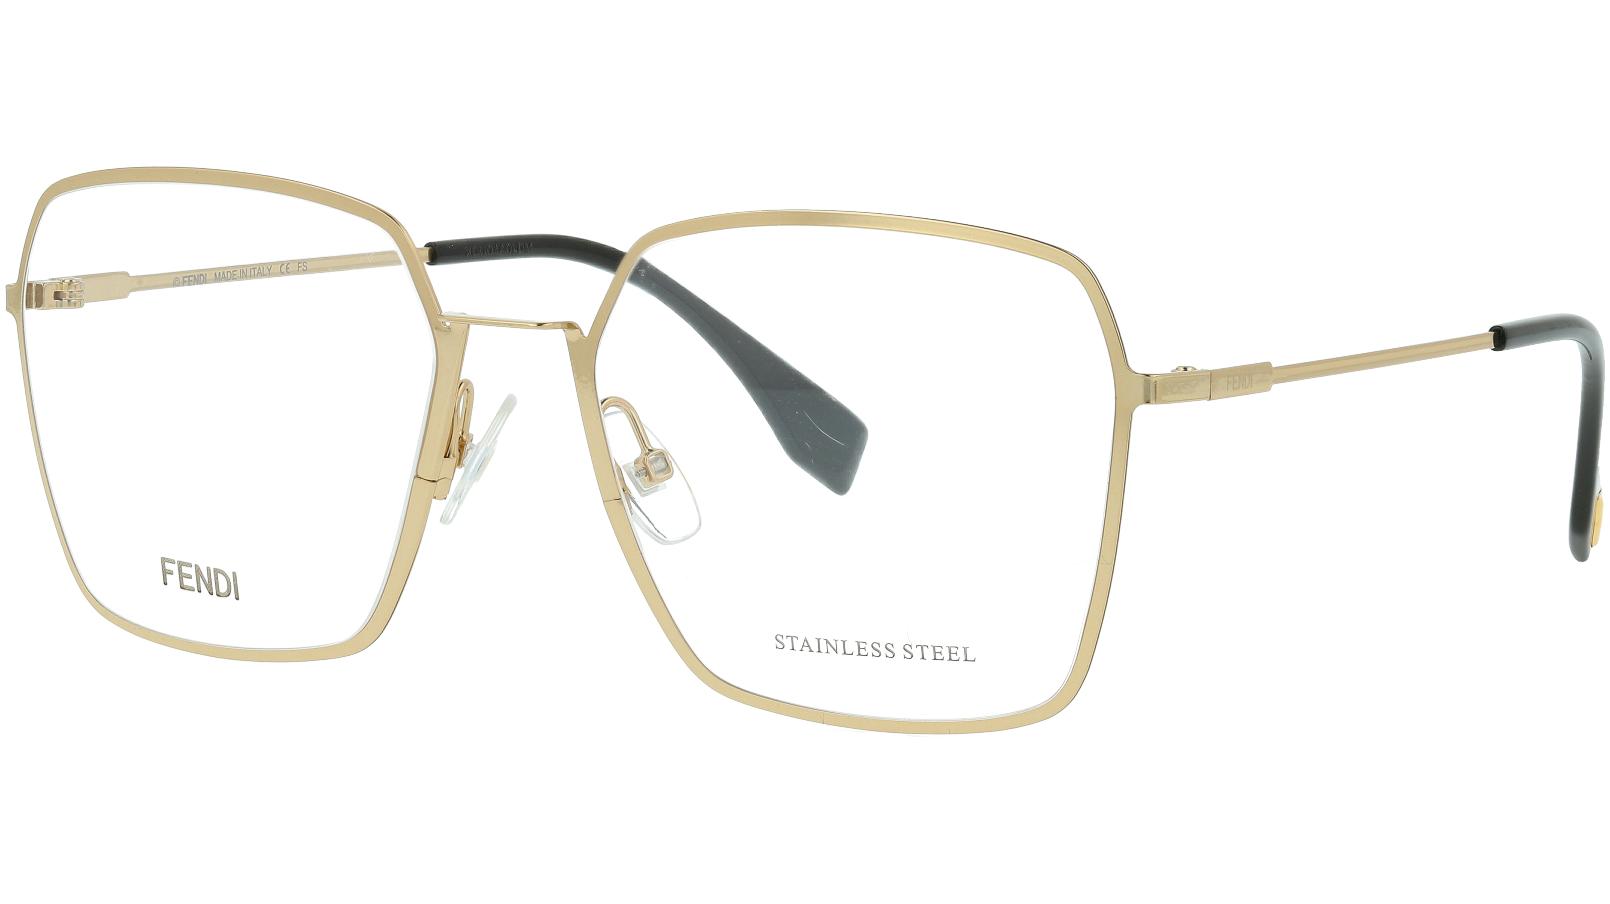 Fendi FF0333 J5G 55 GOLD Glasses